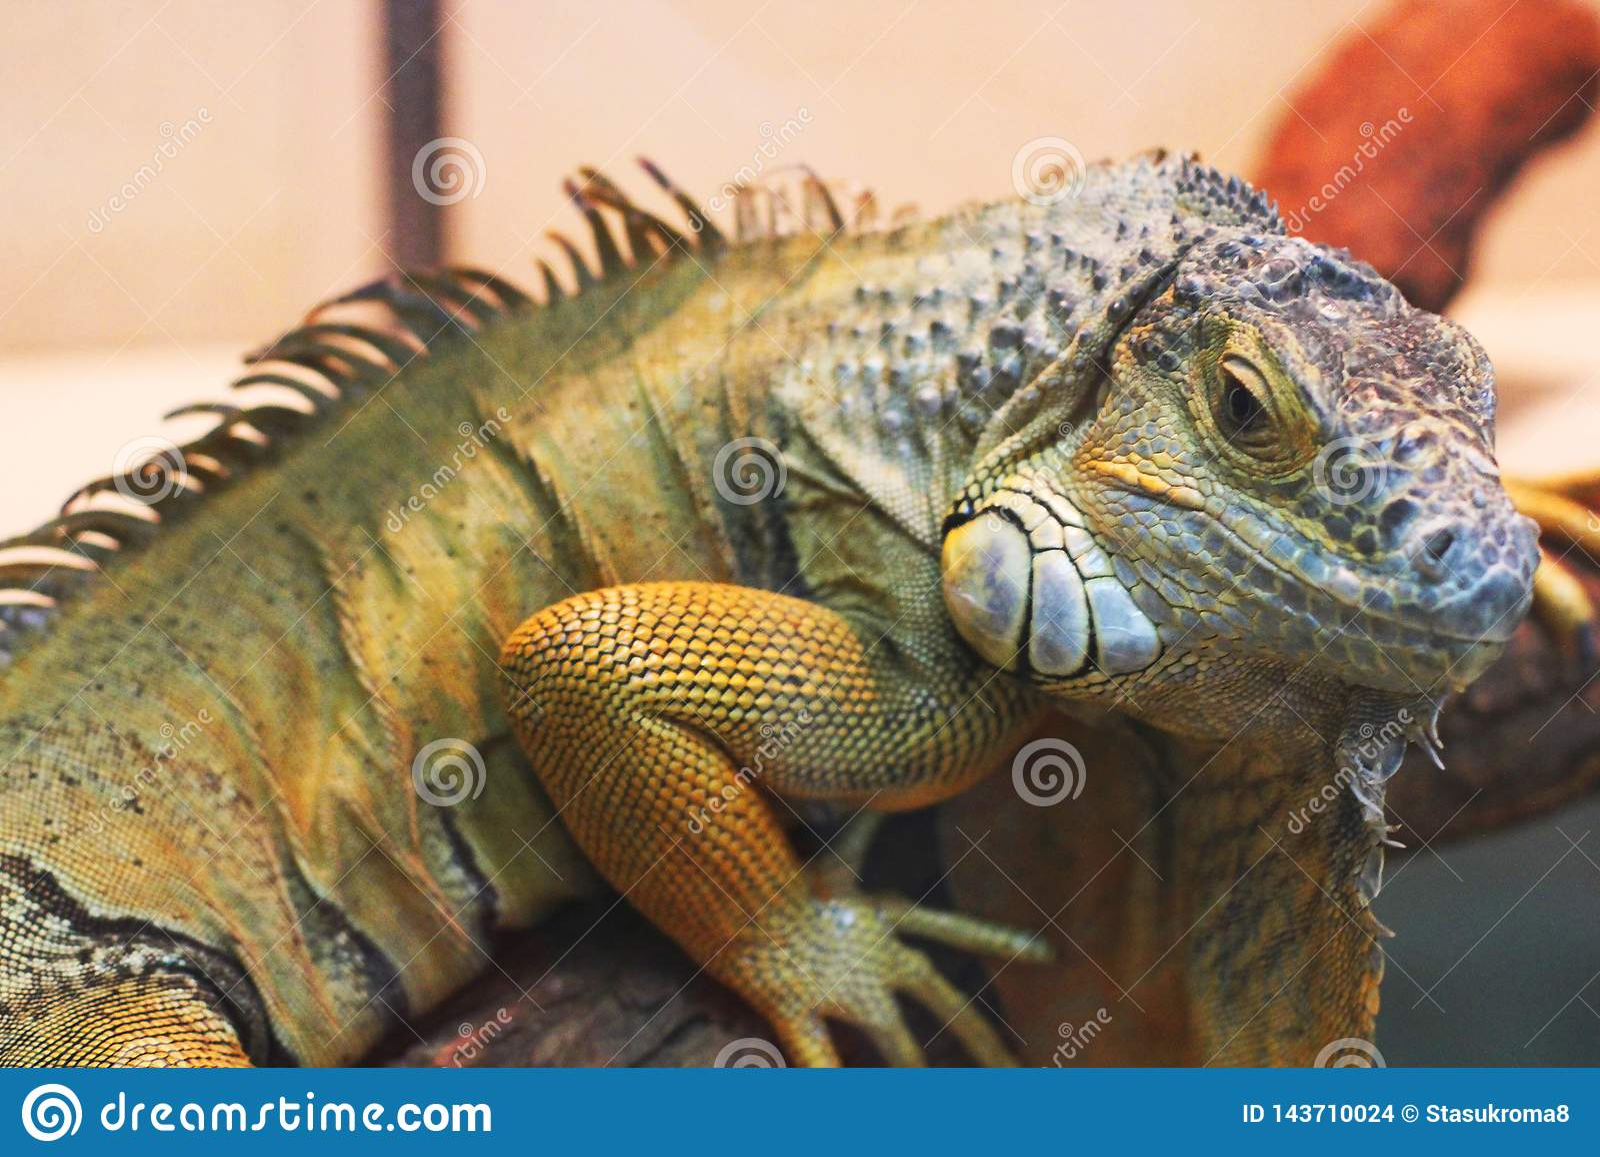 Iguana in the terrarium